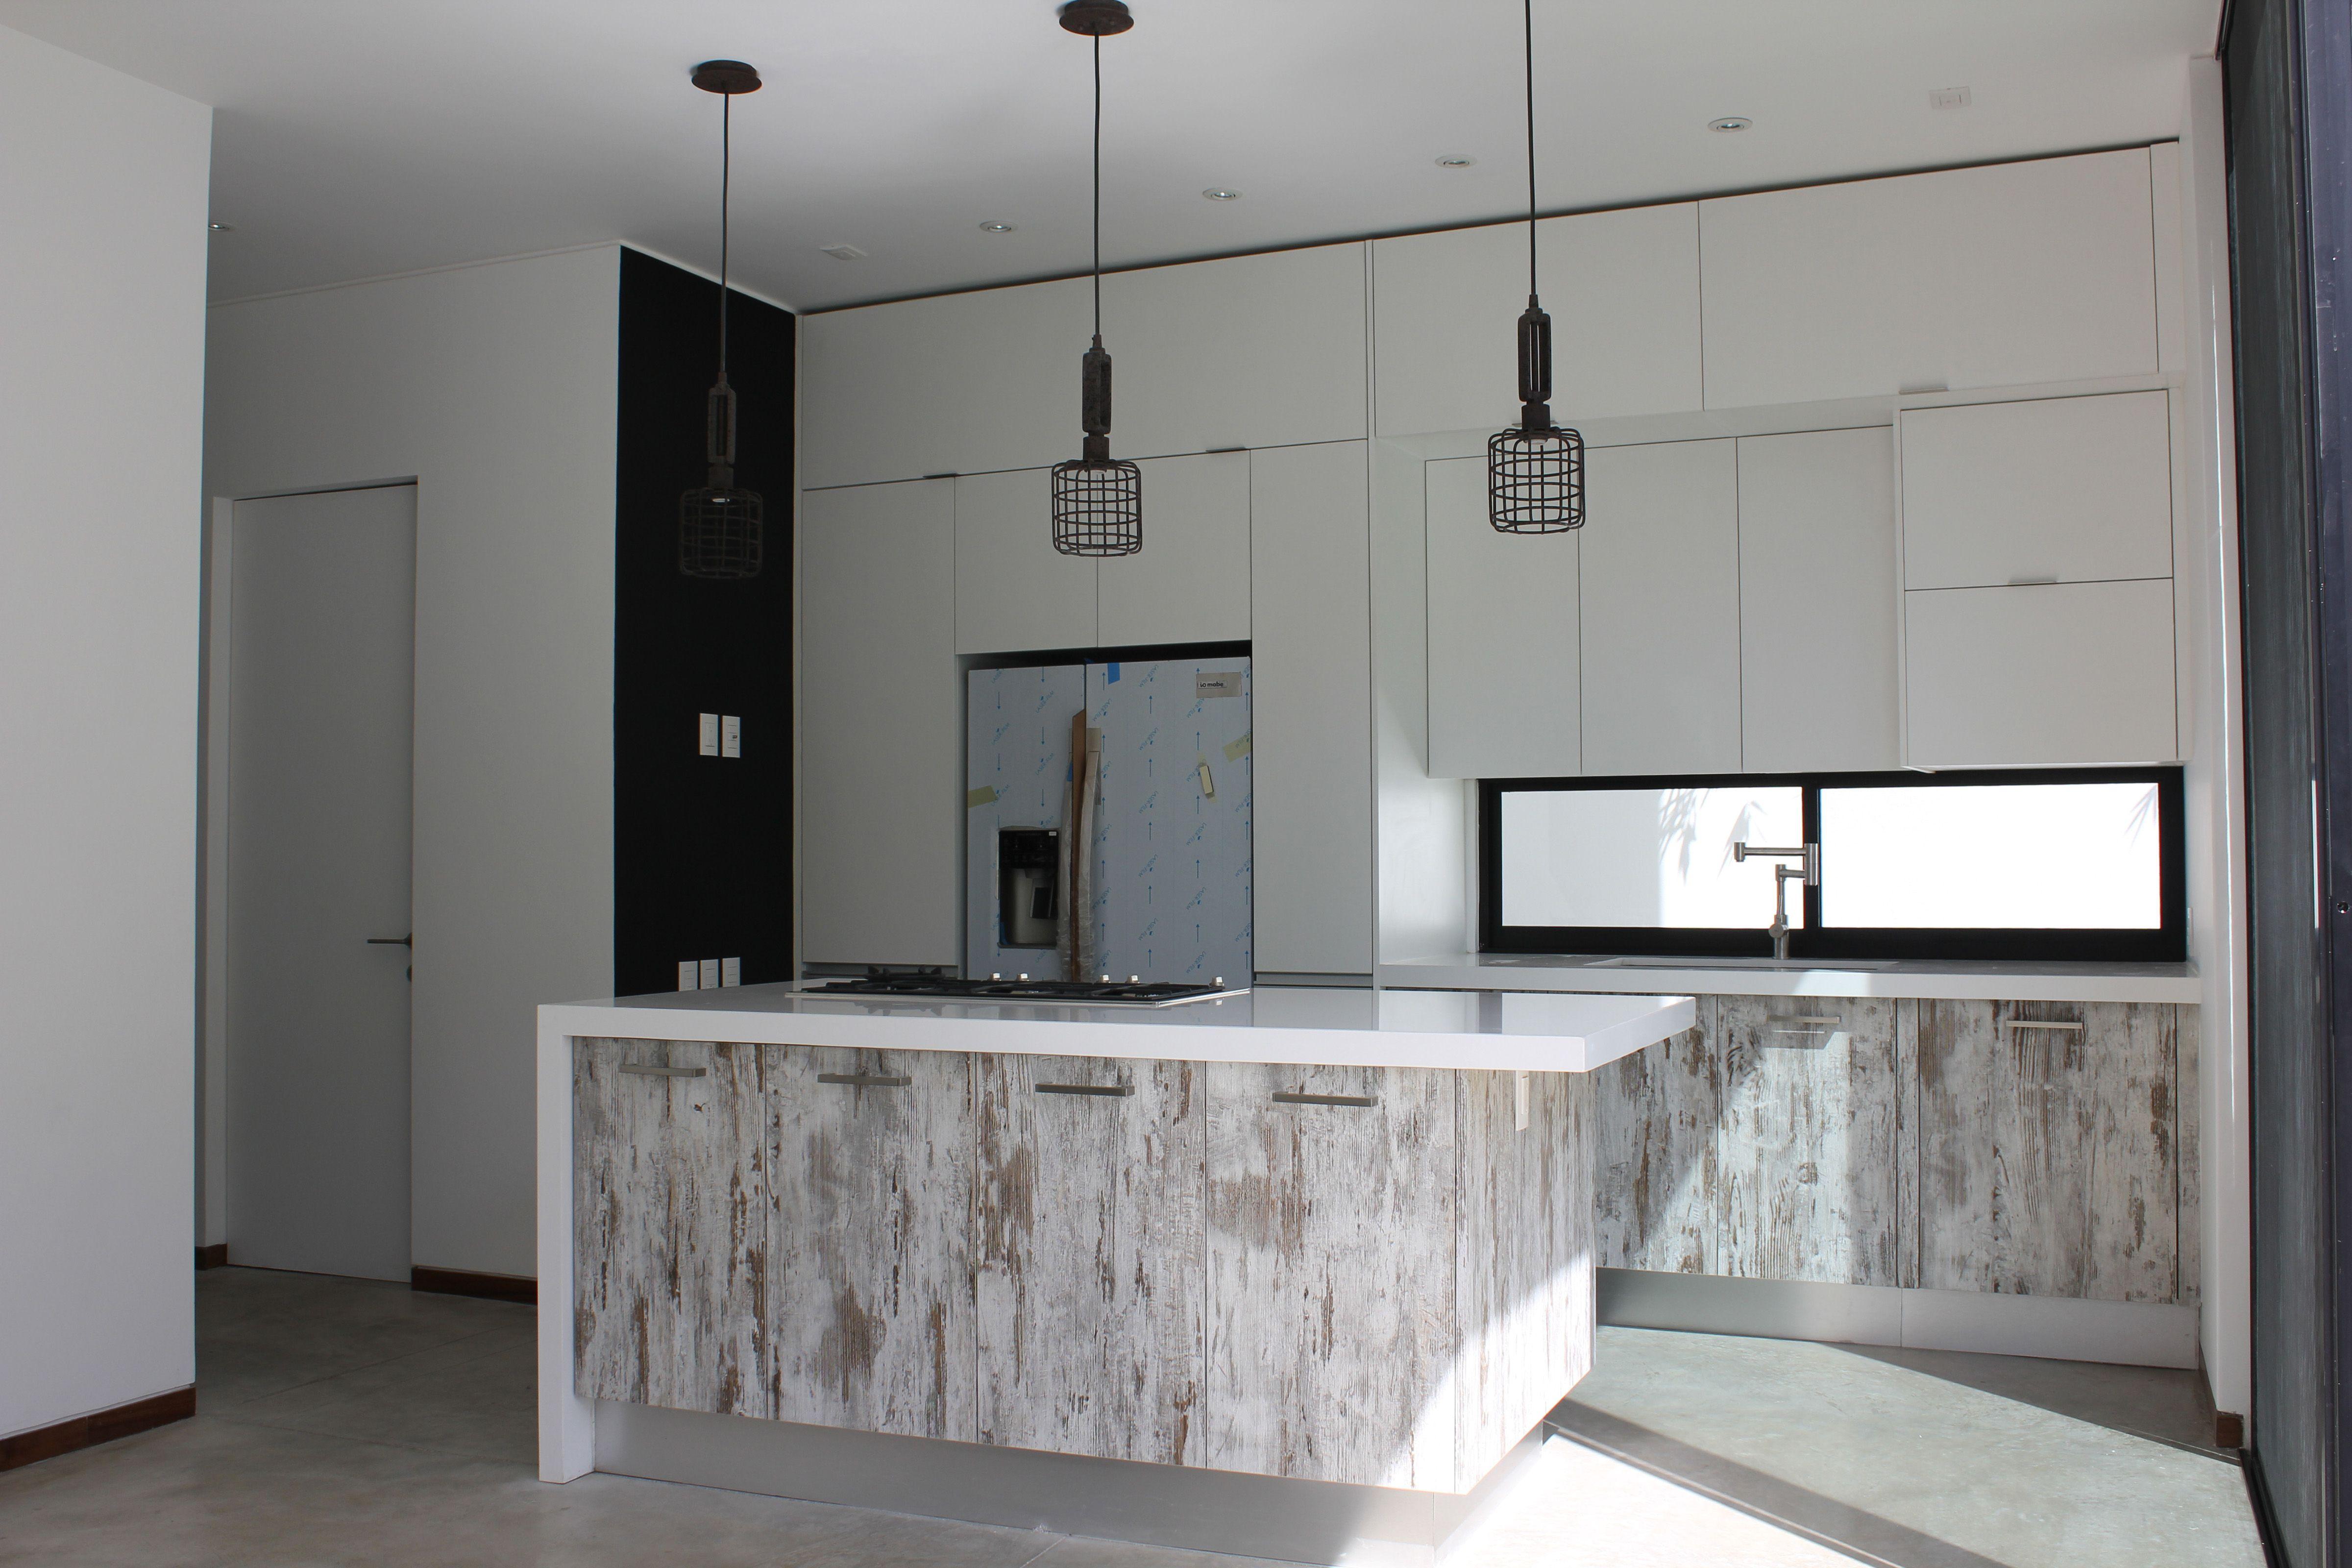 Casa en valle real cocina con madera avejentada y barra for Barras de bar para casa